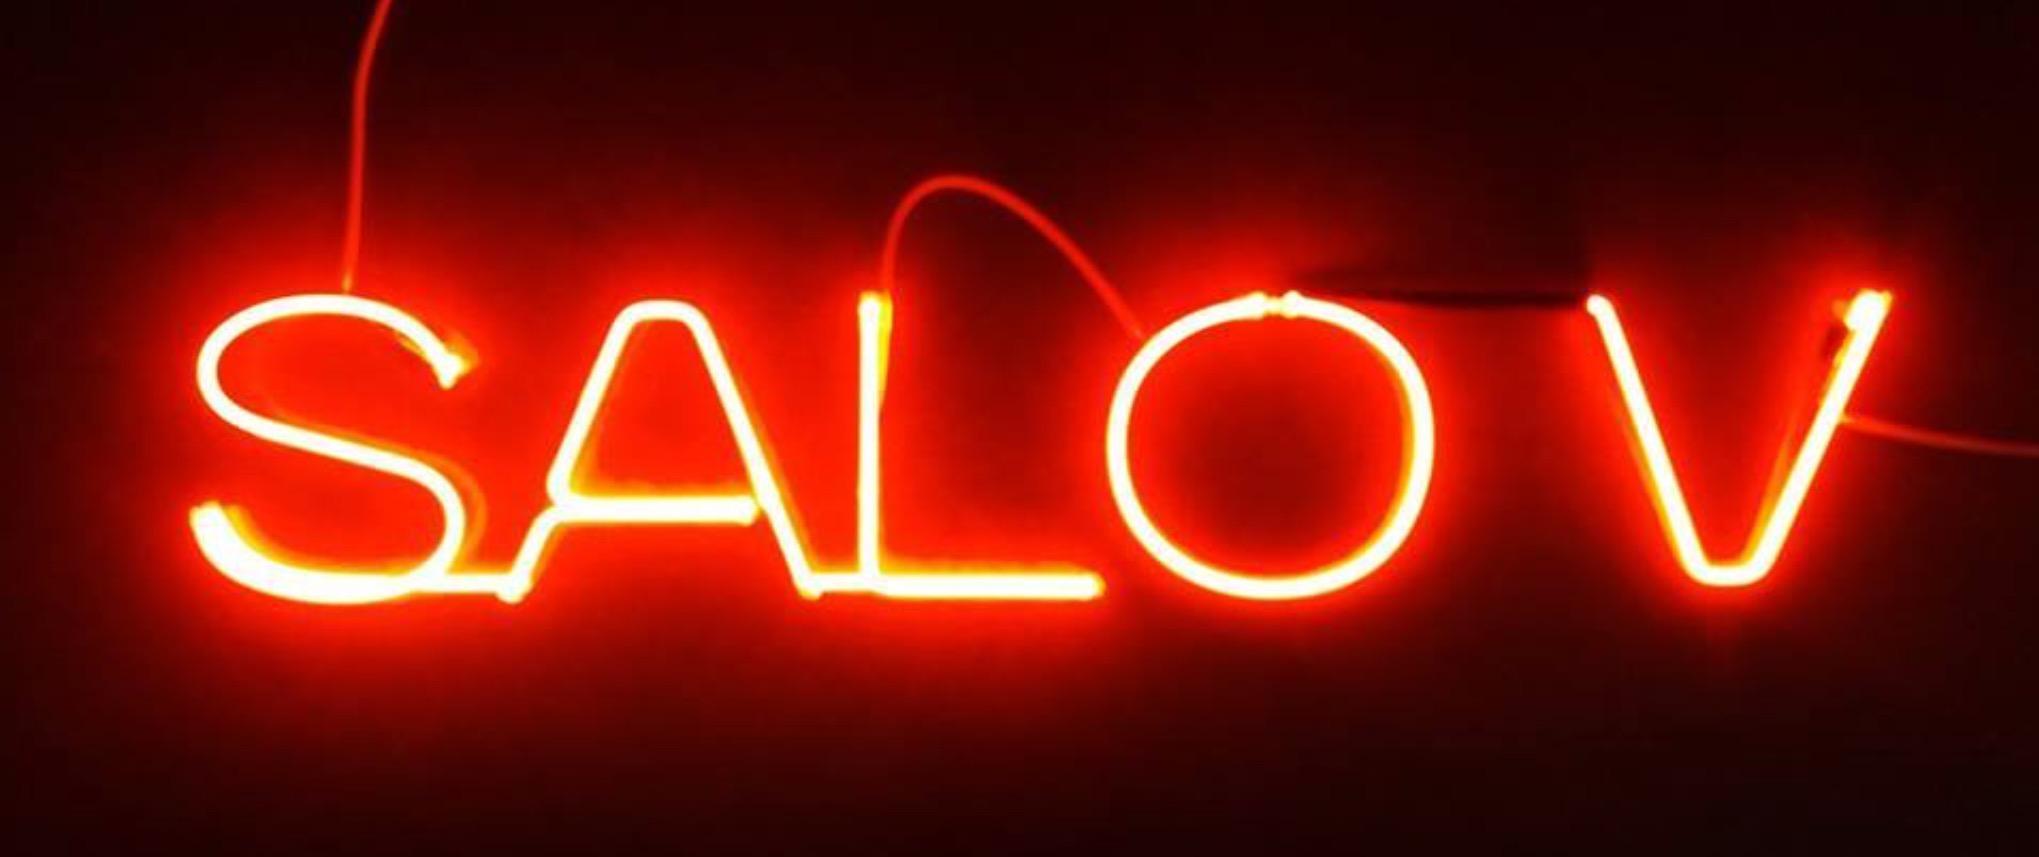 [SALON] 02 au 05.06 – SALON DU DESSIN ÉROTIQUE – SALO V – GALERIE ÉPISODIQUE PARIS